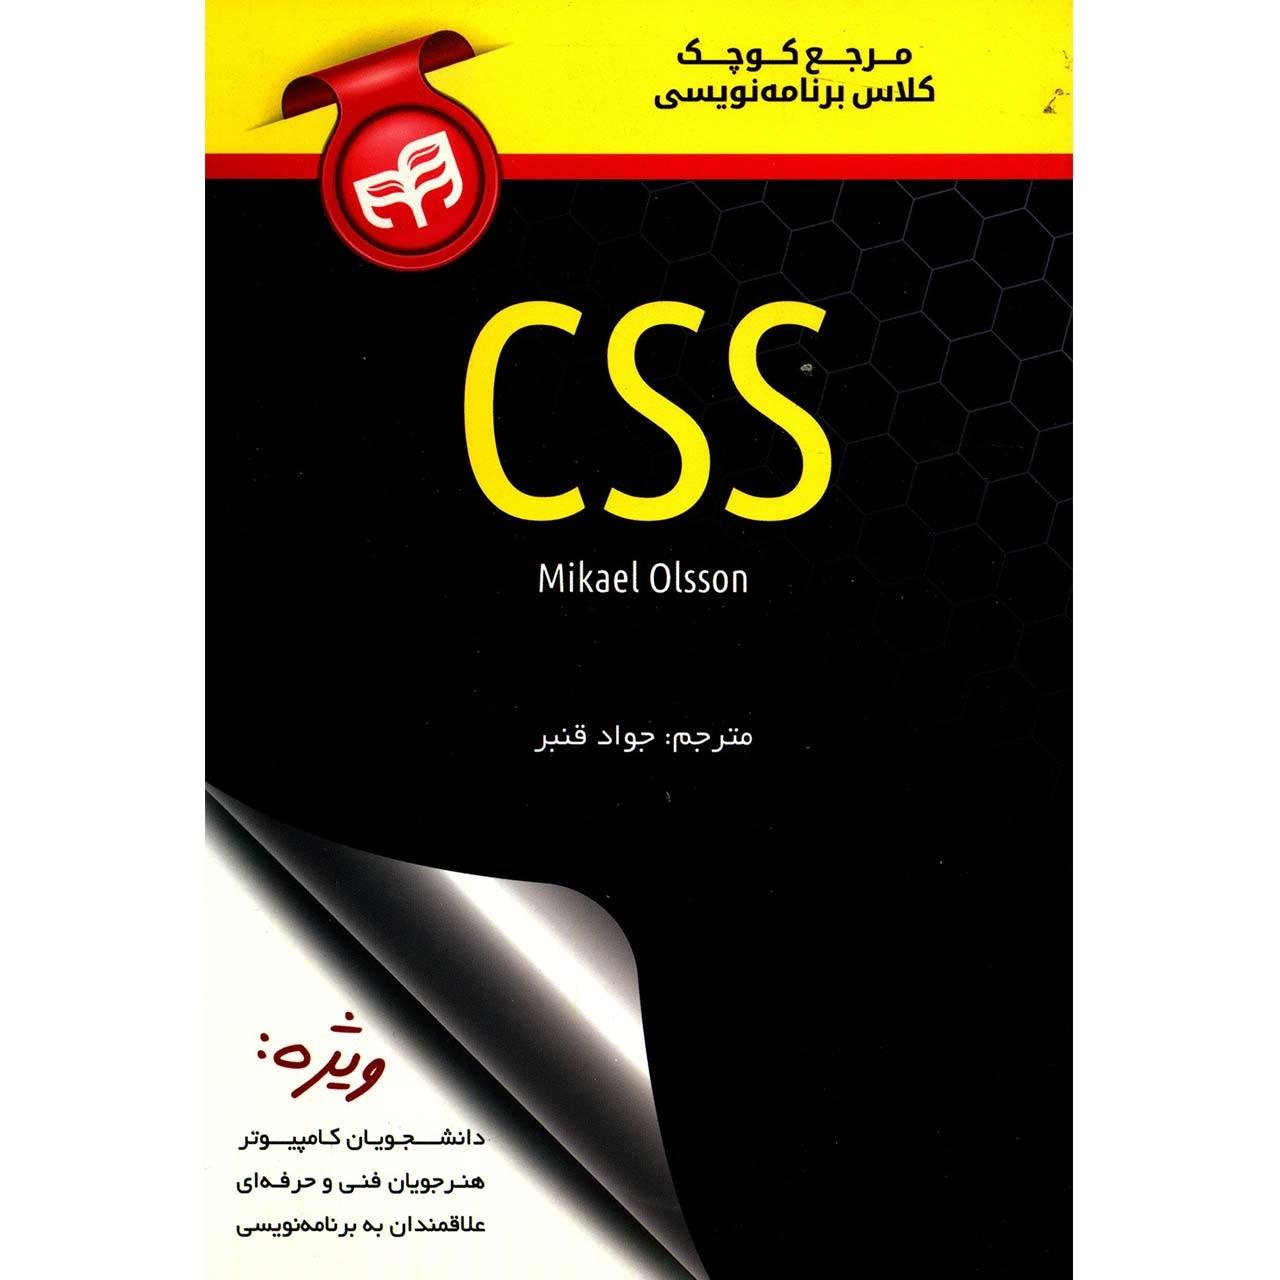 کتاب مرجع کوچک کلاس برنامه نویسی CSS اثر مایکل اولسون